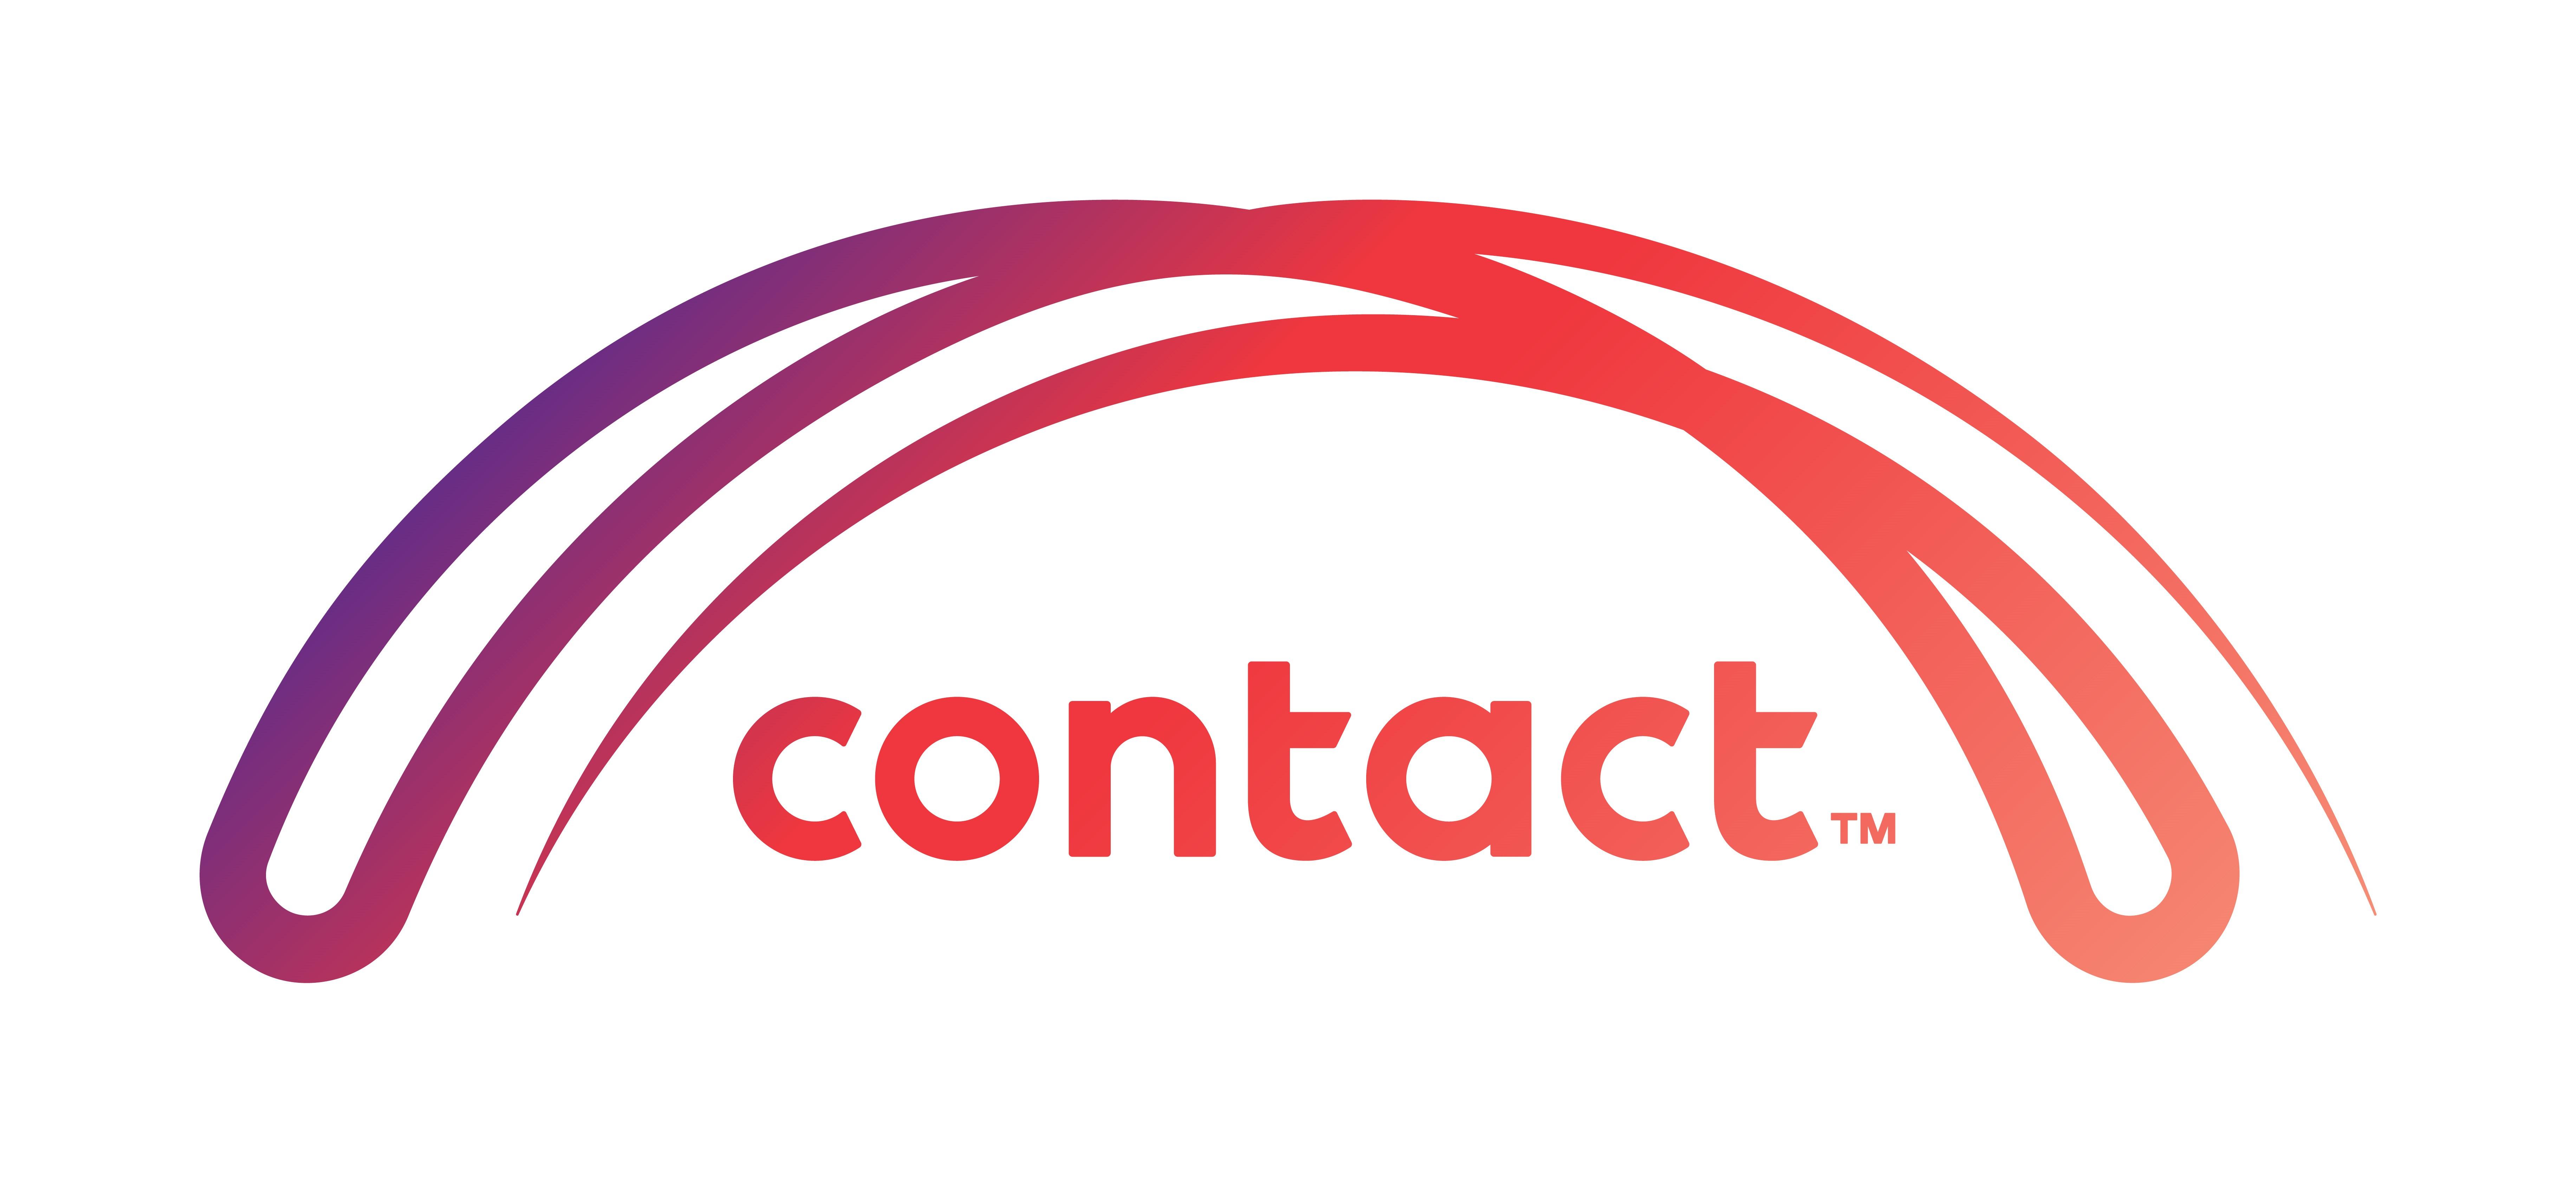 Contact logo Aug 2018